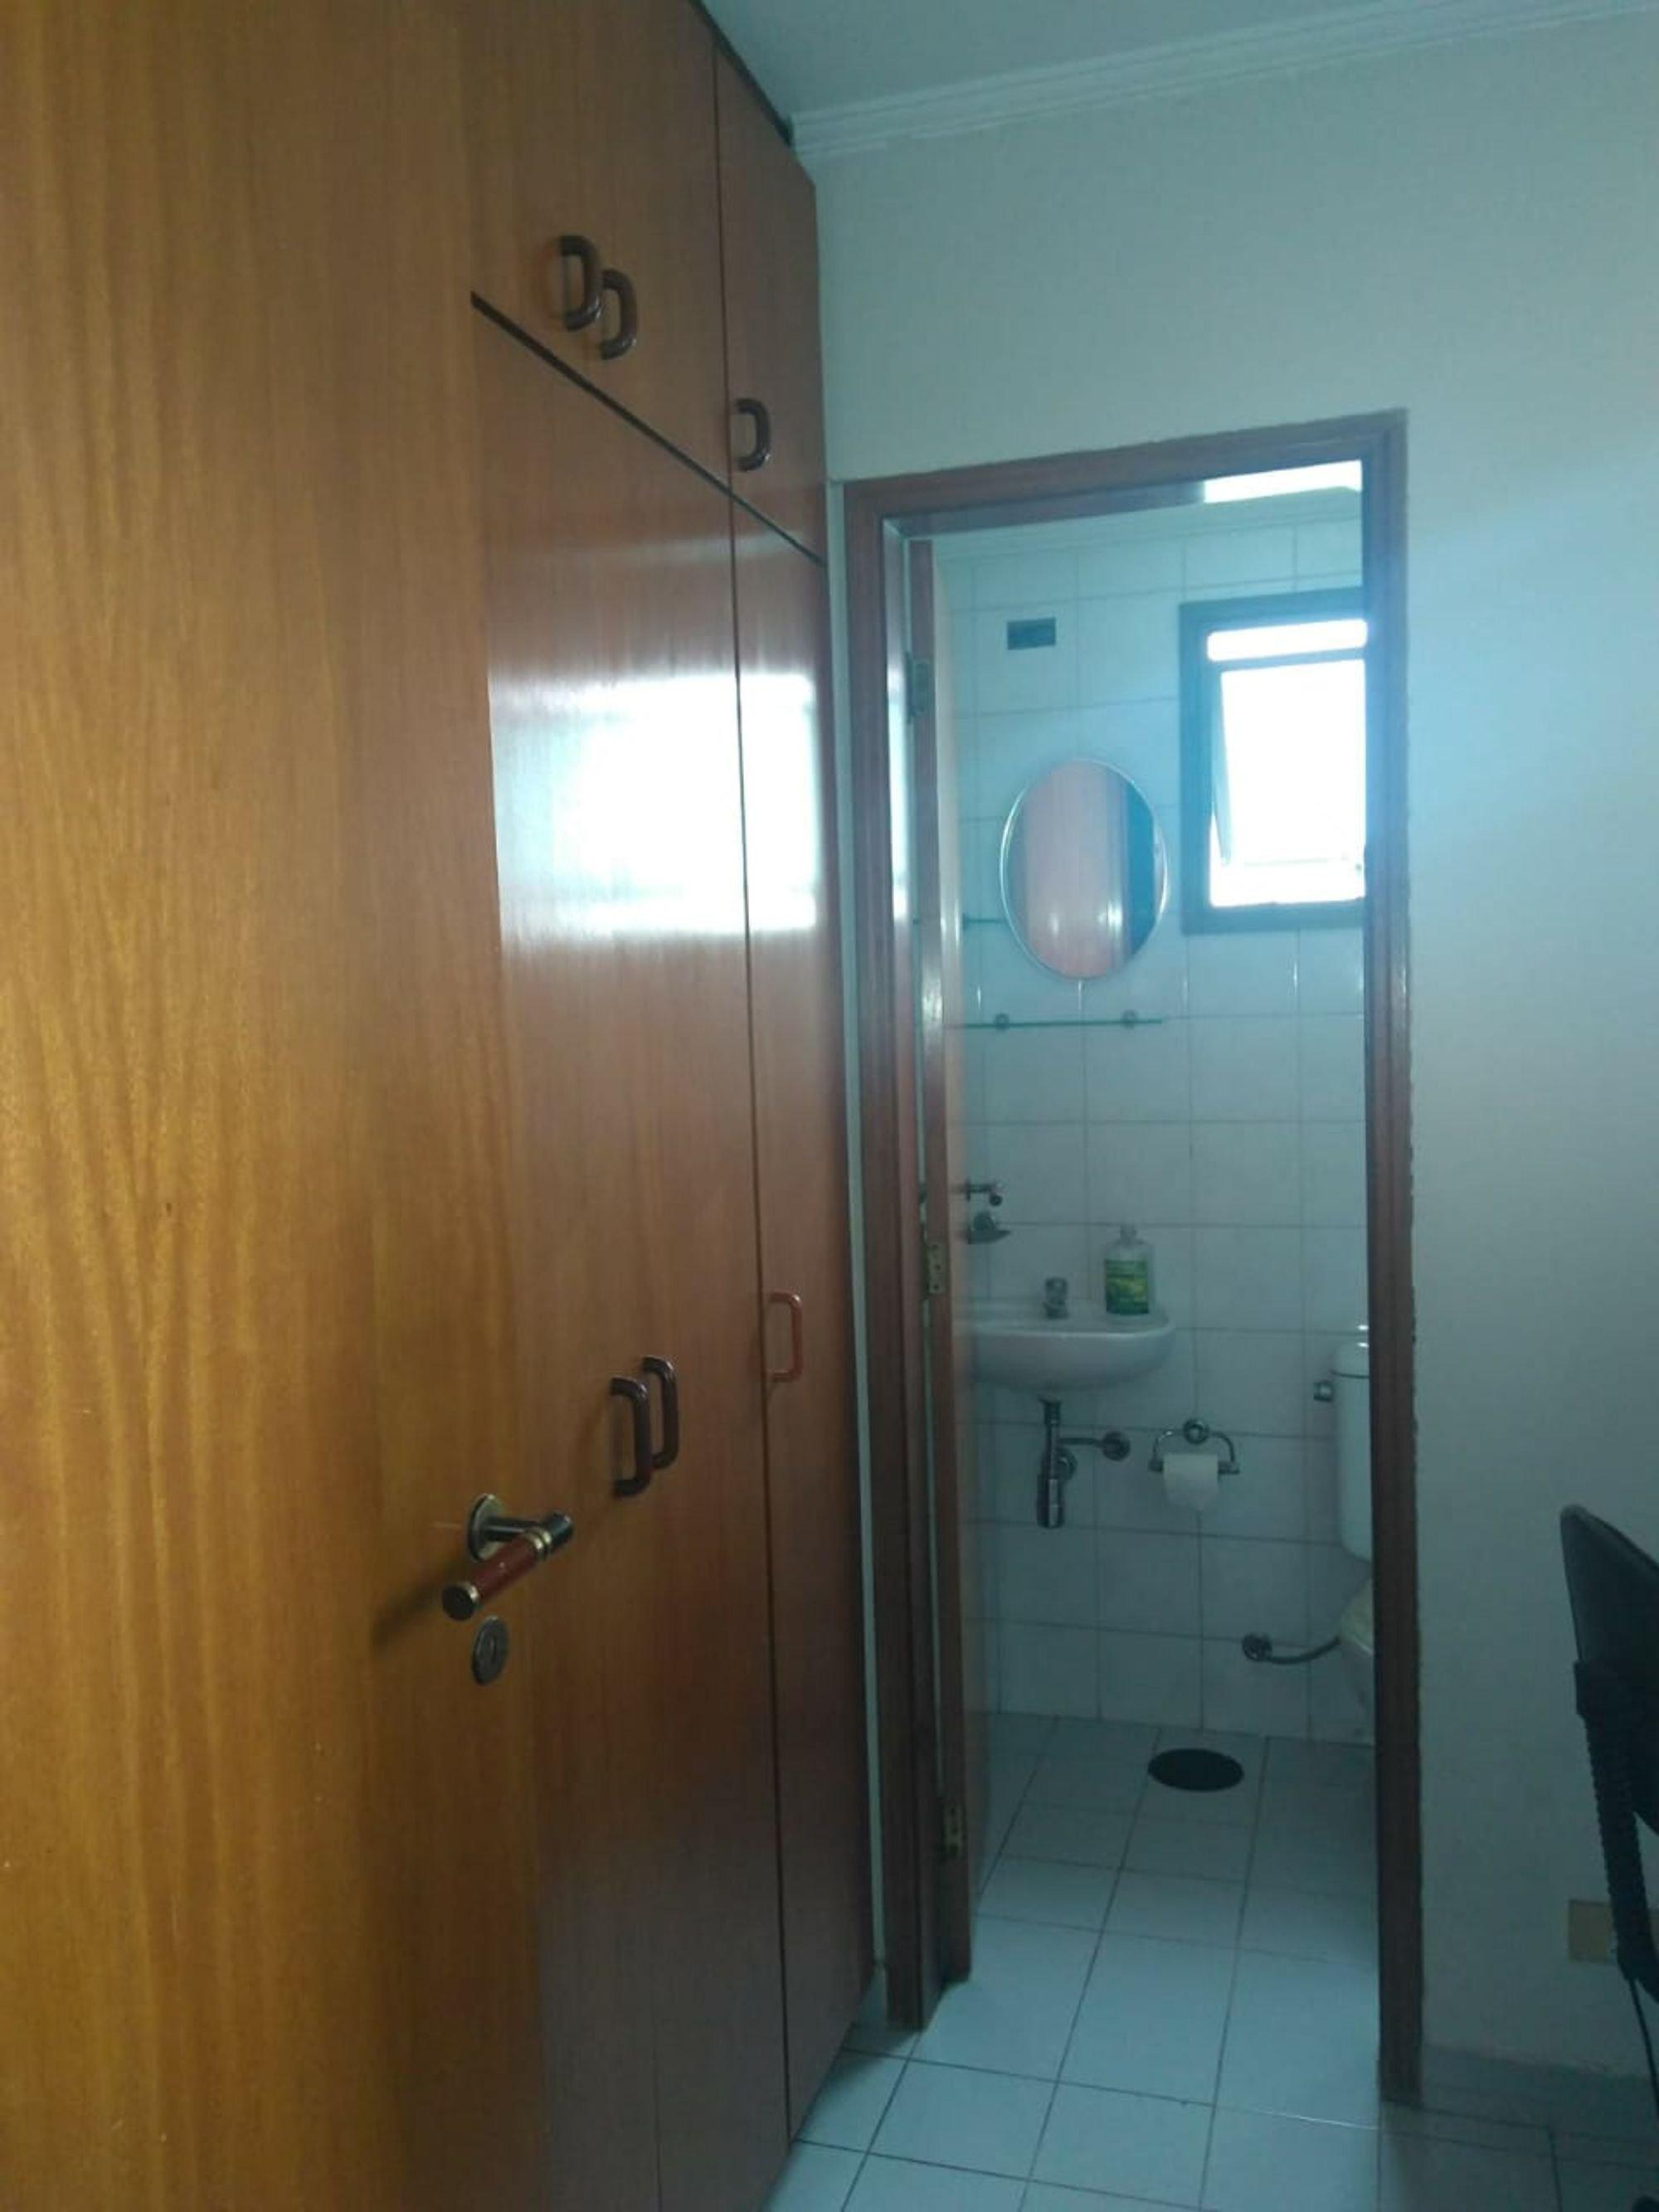 Foto de Banheiro com vaso sanitário, cadeira, pia